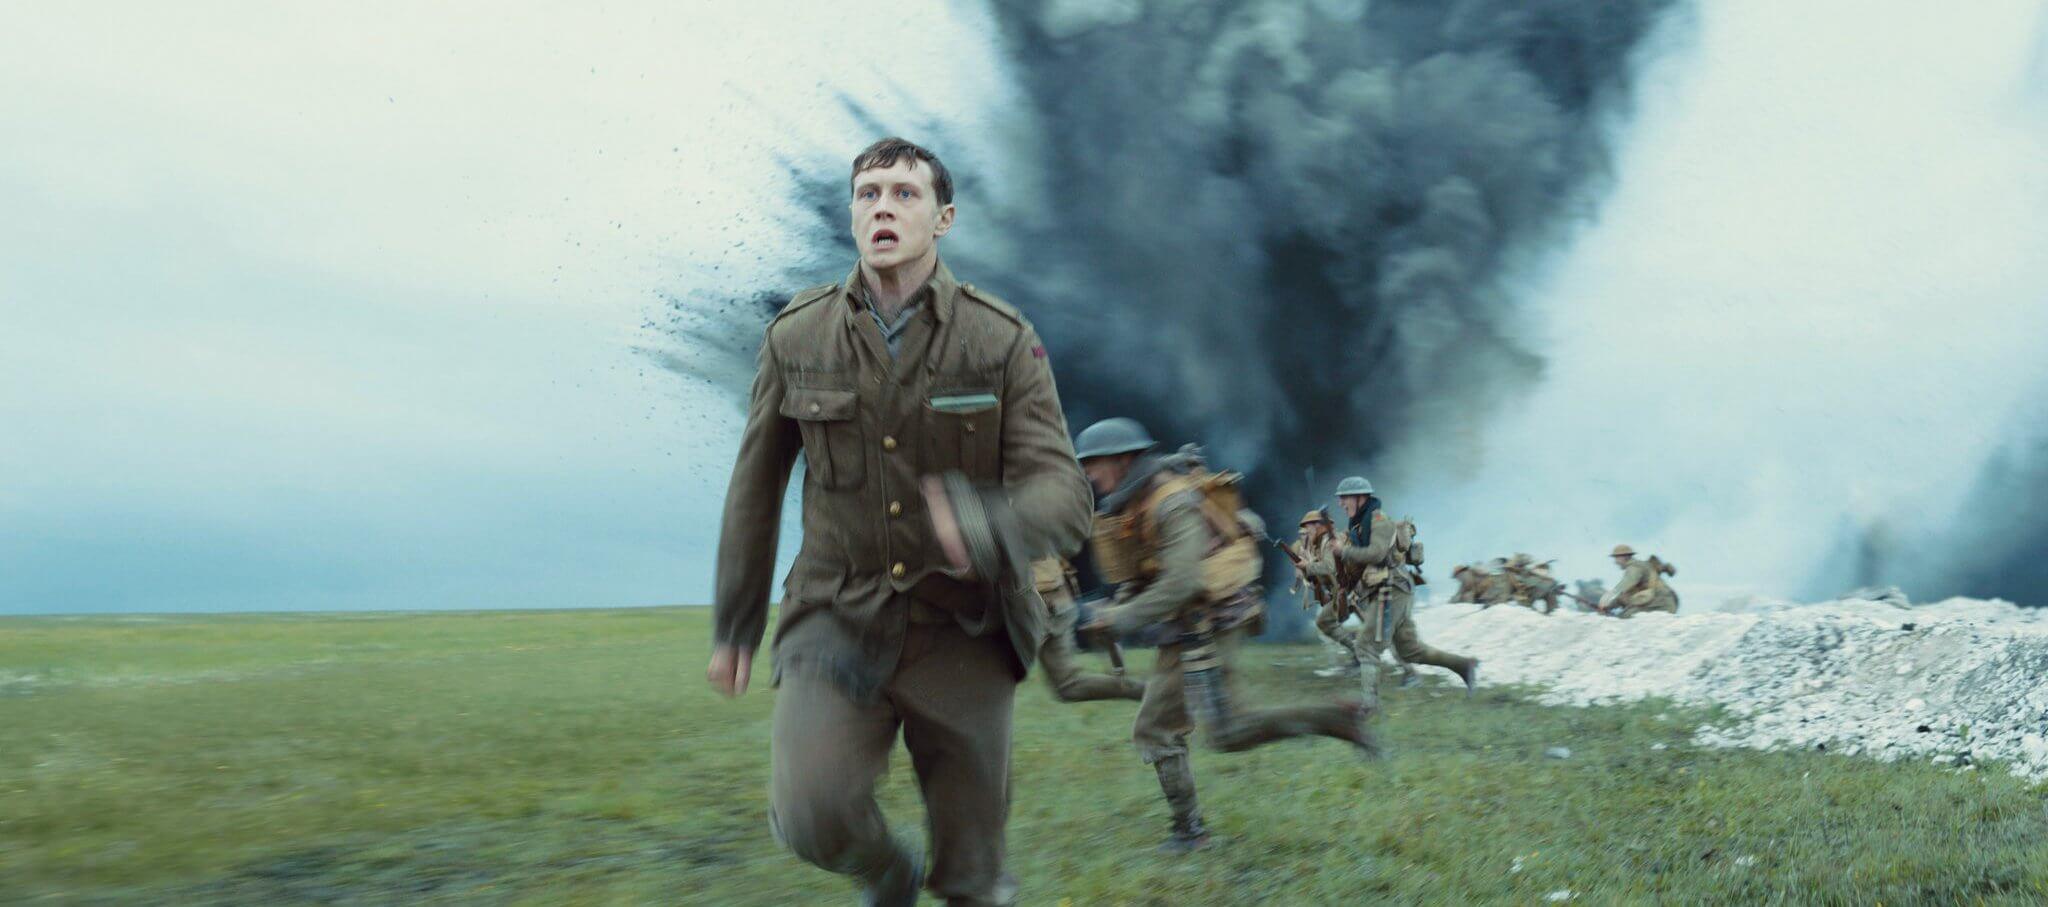 2019-movie-1917-wwi